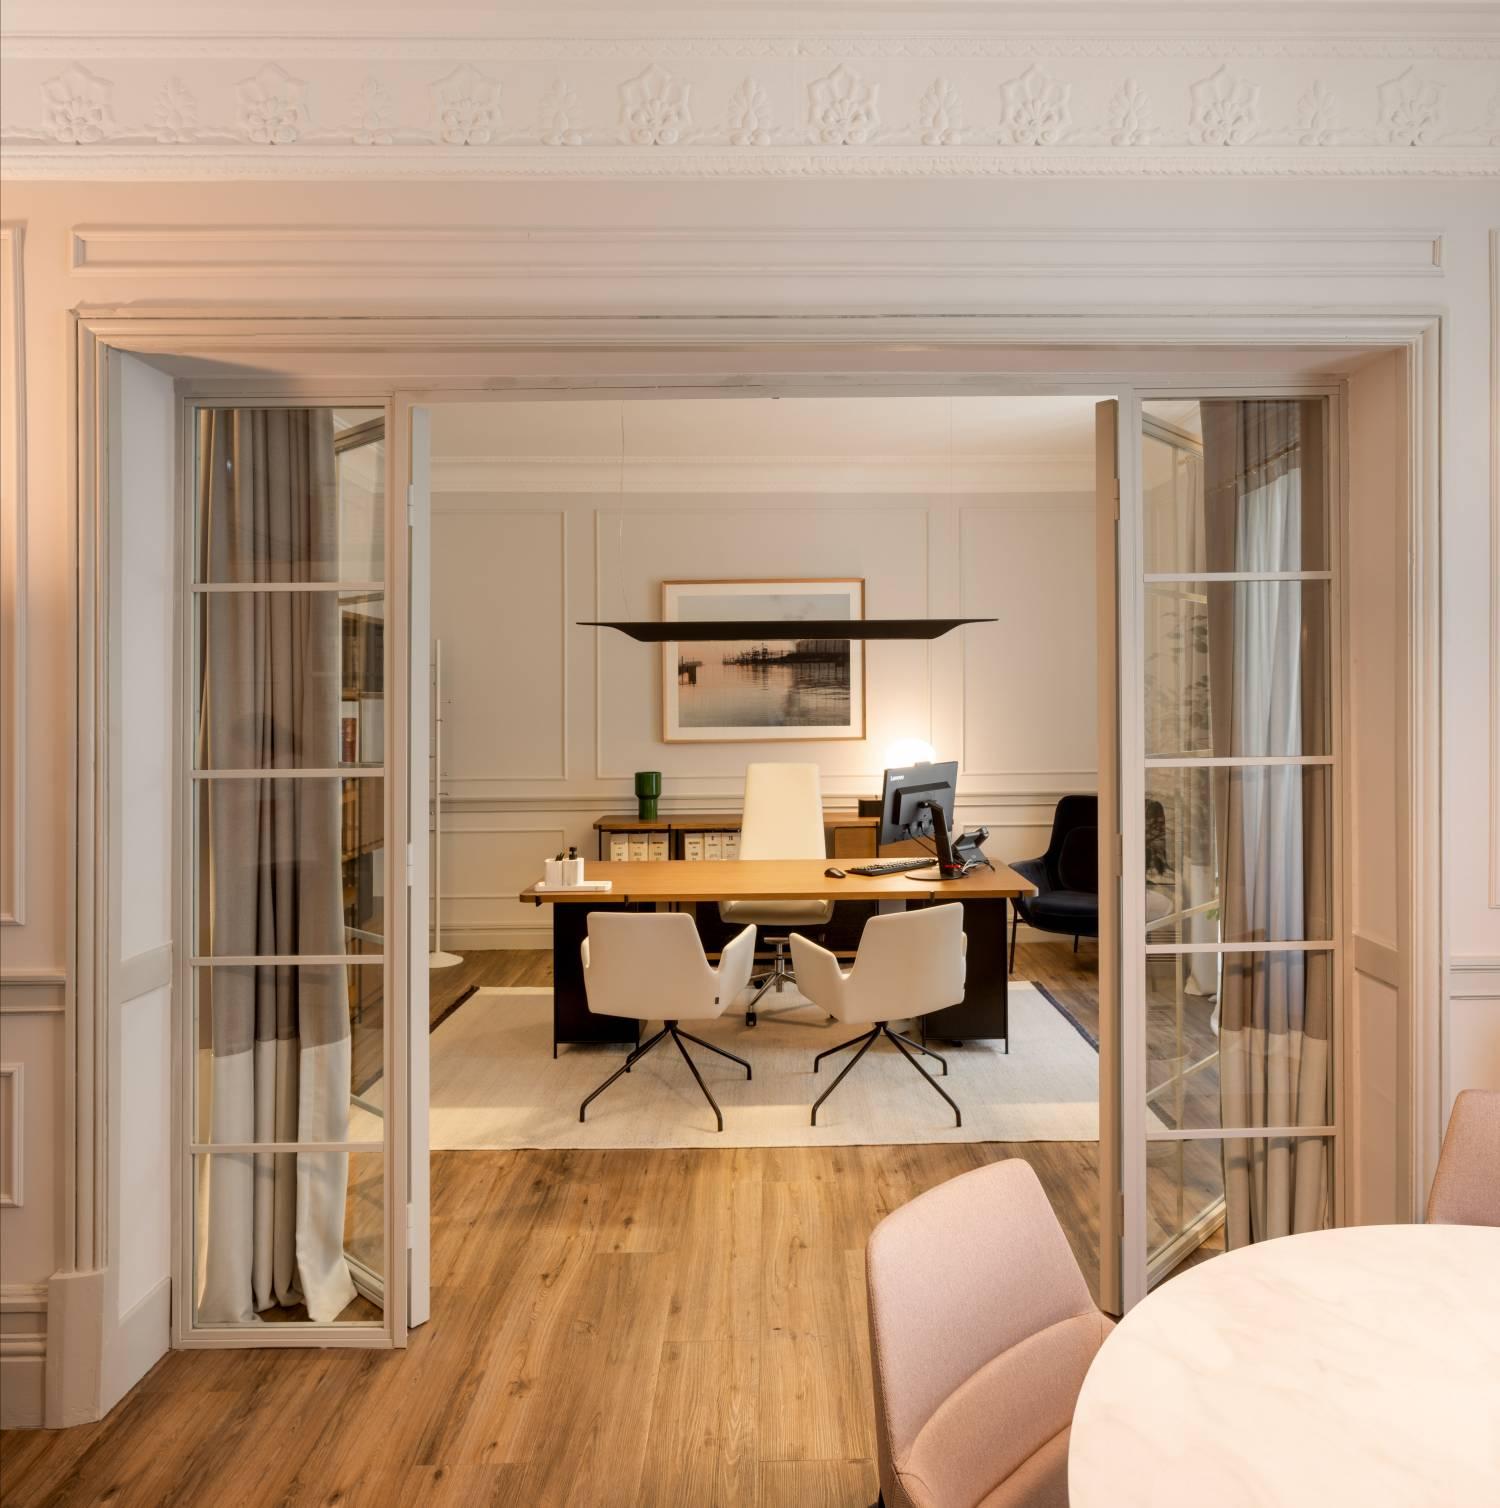 Momocca, mobiliario de diseño: interiorismo en una notaría en Bilbao 6